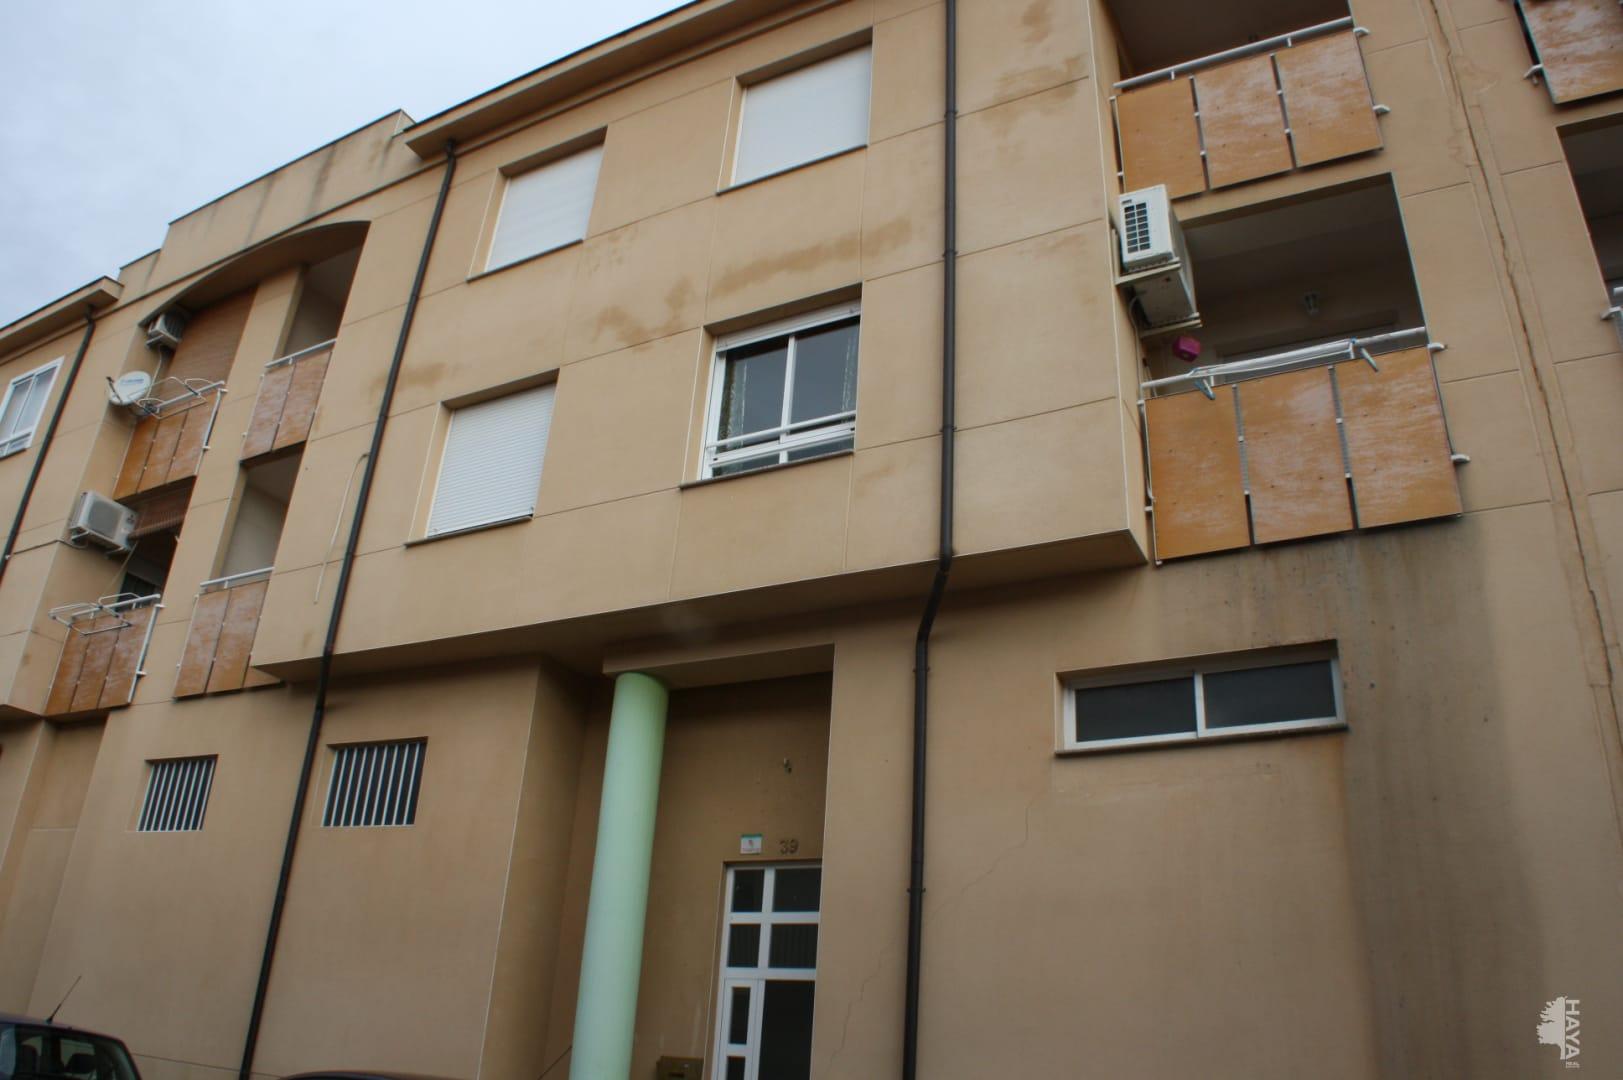 Piso en venta en Moraleja, Cáceres, Calle Muñoz Grande, 65.281 €, 3 habitaciones, 2 baños, 112 m2